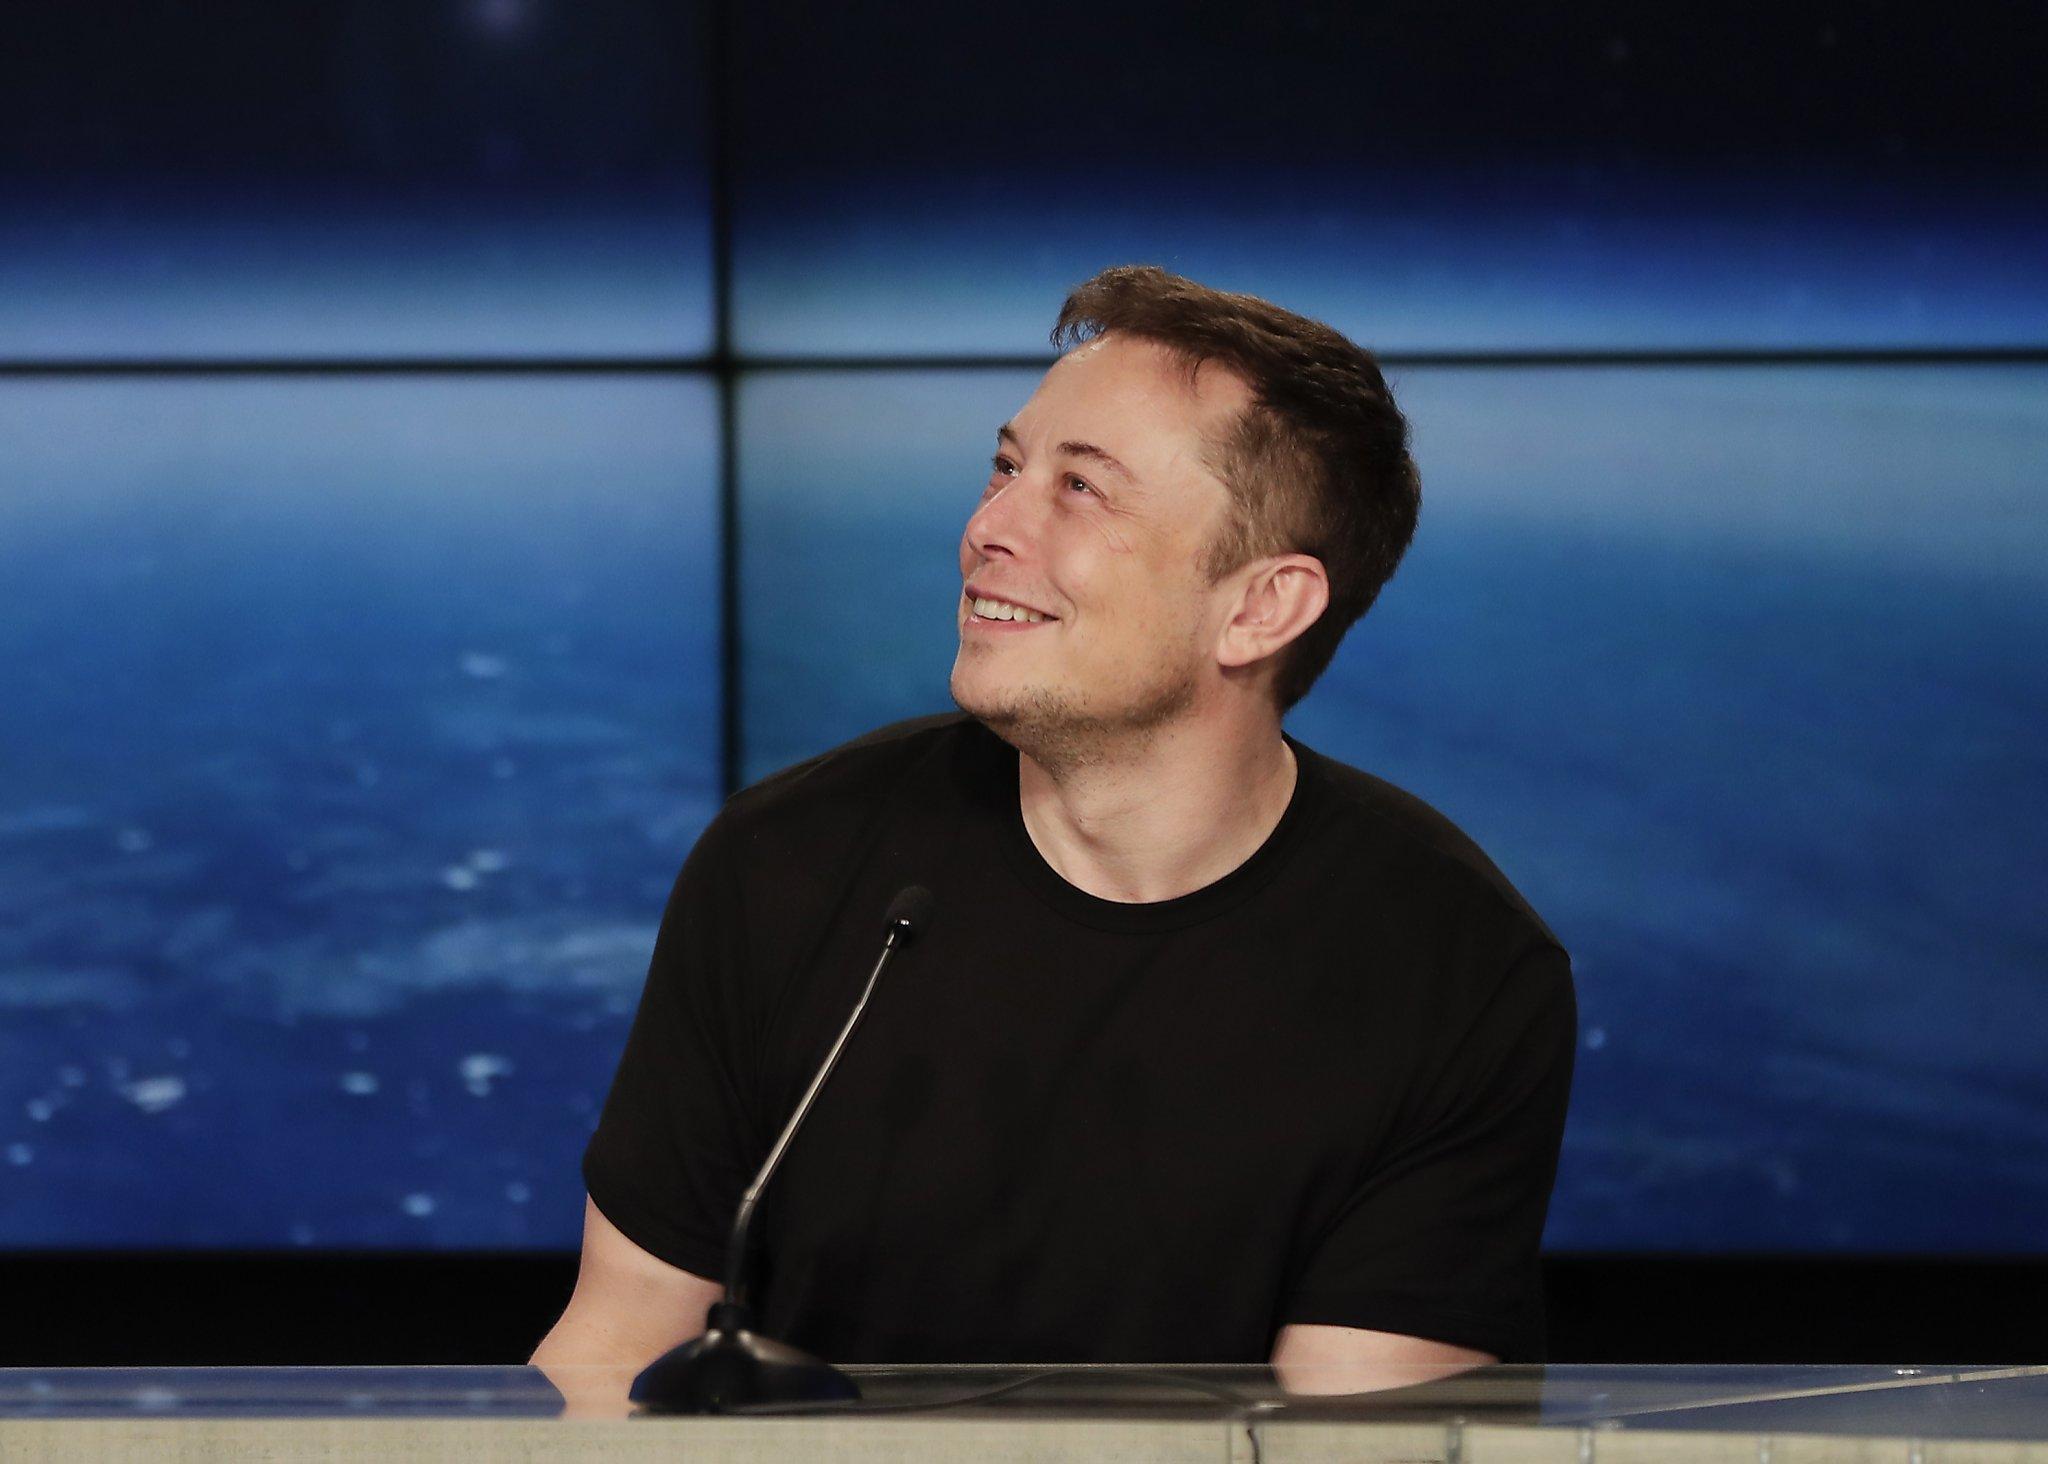 Who has short shorts: Elon Musk sells them for real at $69.42